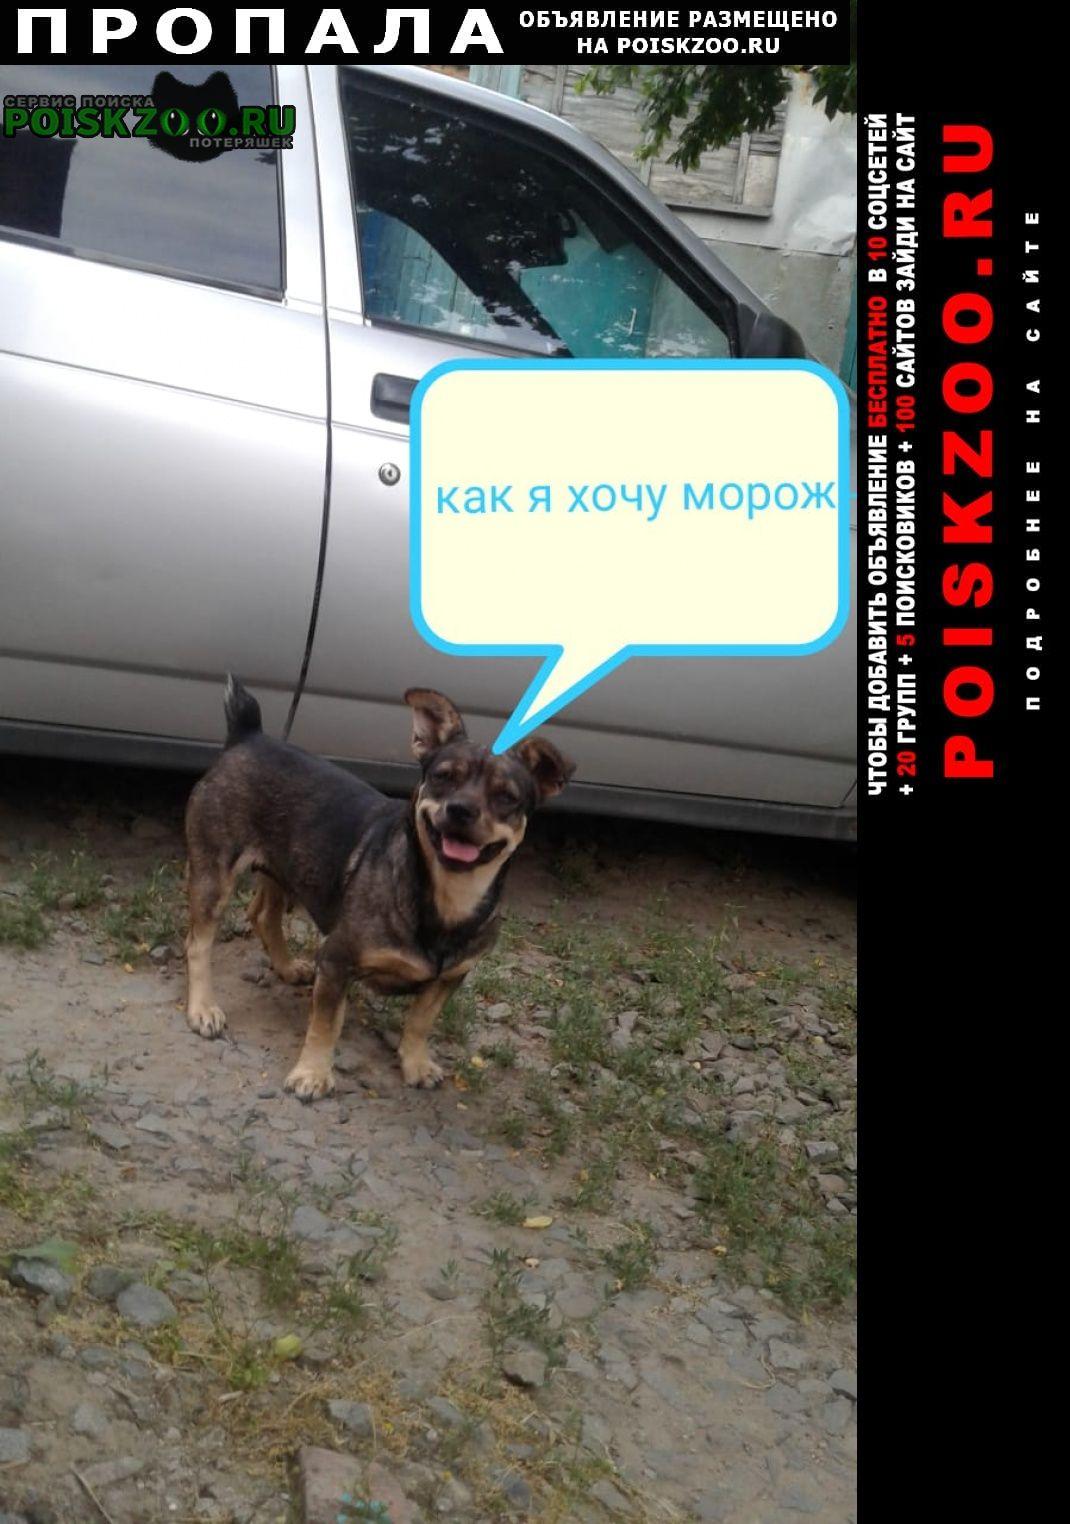 Пропала собака помогите найти члена семьи, кличка маш Азов